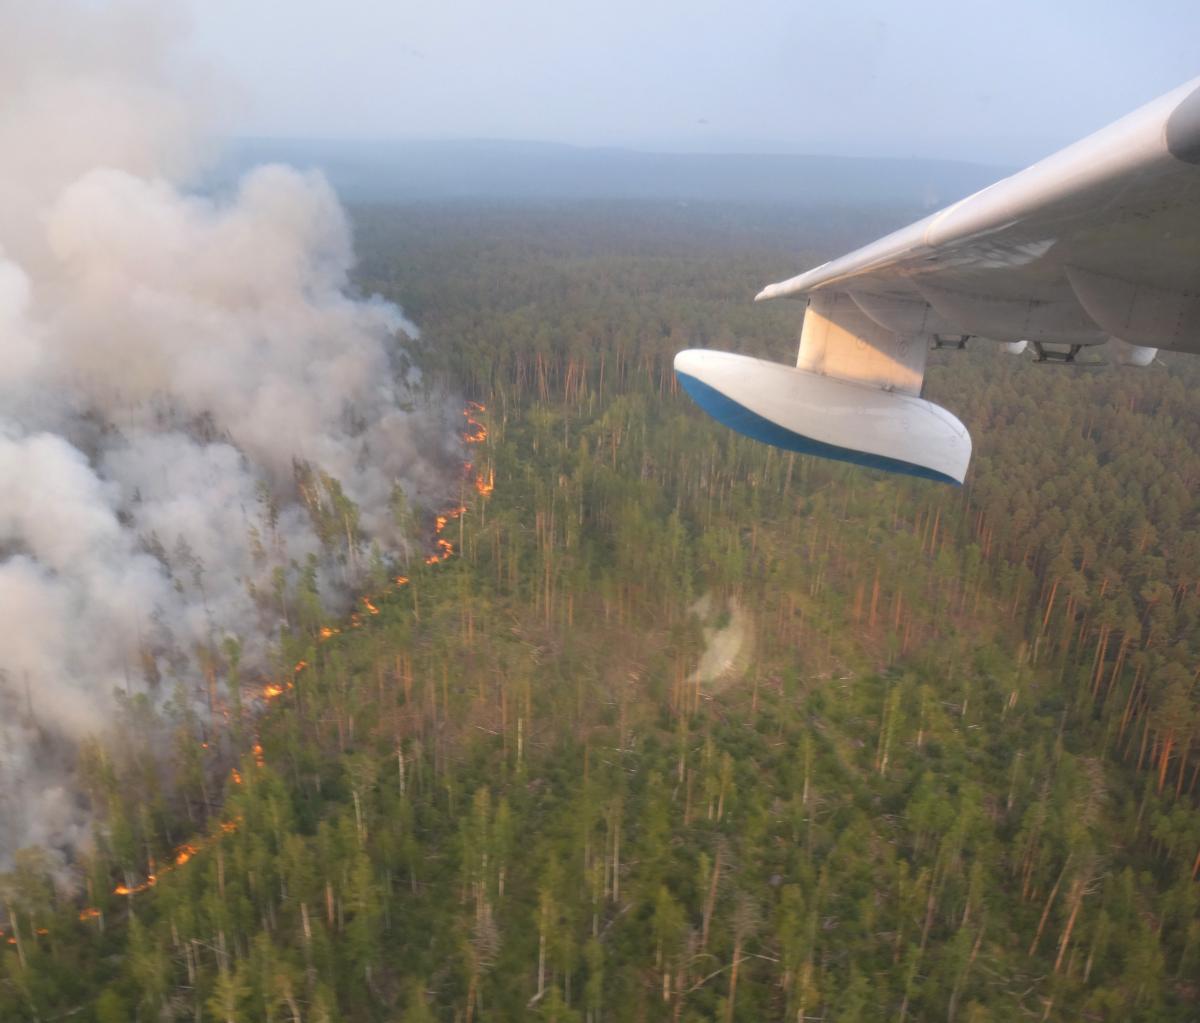 Ситуация с пожарами в Сибири ухудшается, утверждают экологи / REUTERS